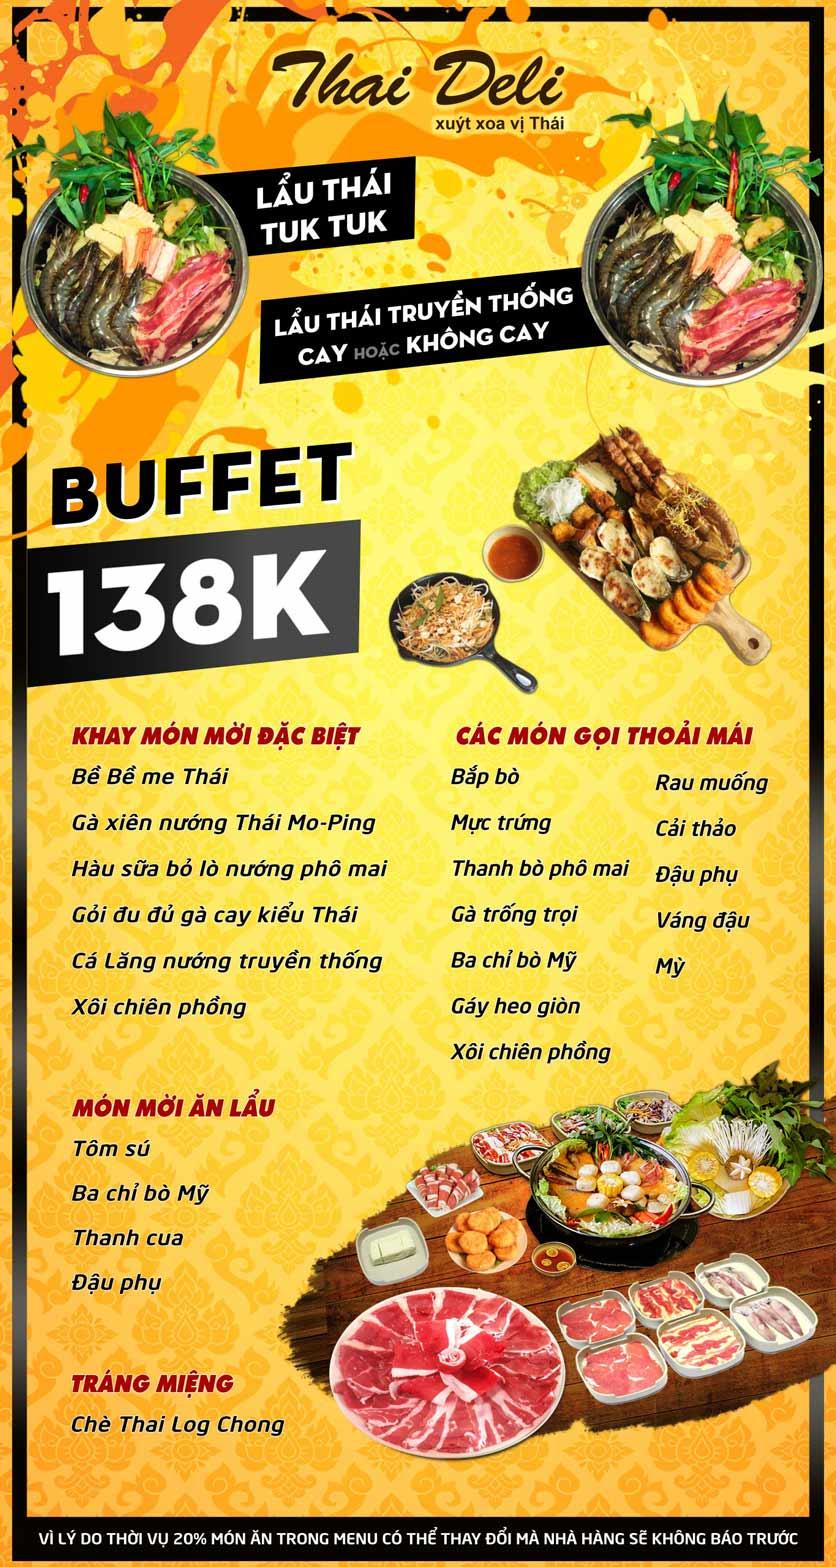 Menu Thai Deli - Buffet Lẩu Thái Hải sản - Hàm Nghi 2